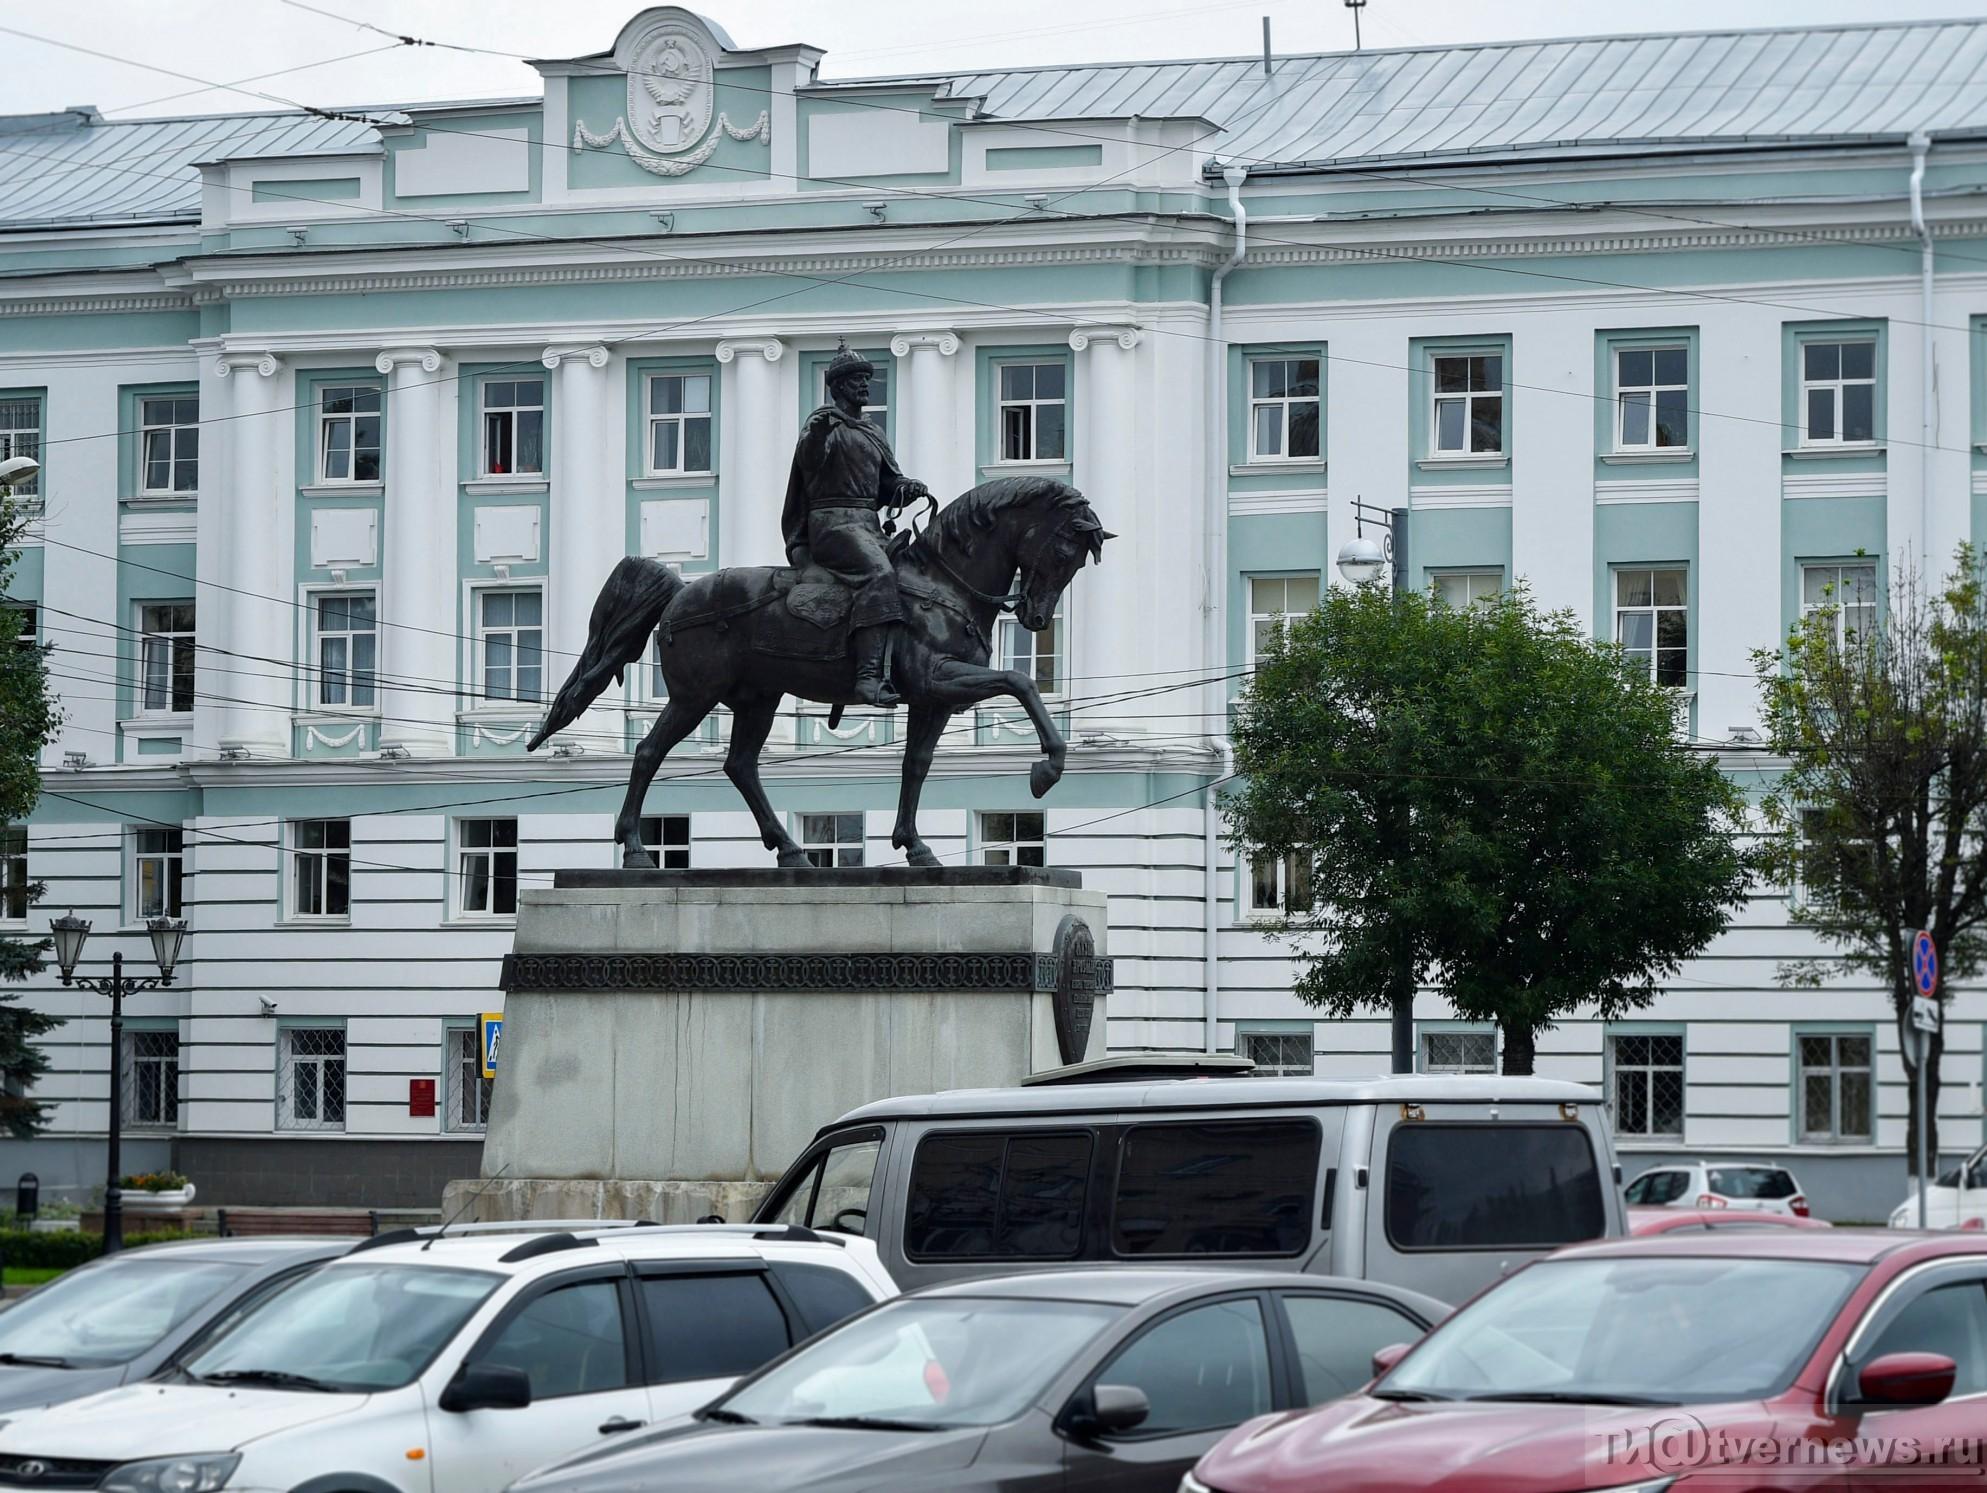 20181025_18-29-Профильный комитет ТГД поддержал инициативу по переименованию улицы Володарского и Советской площади-pic1